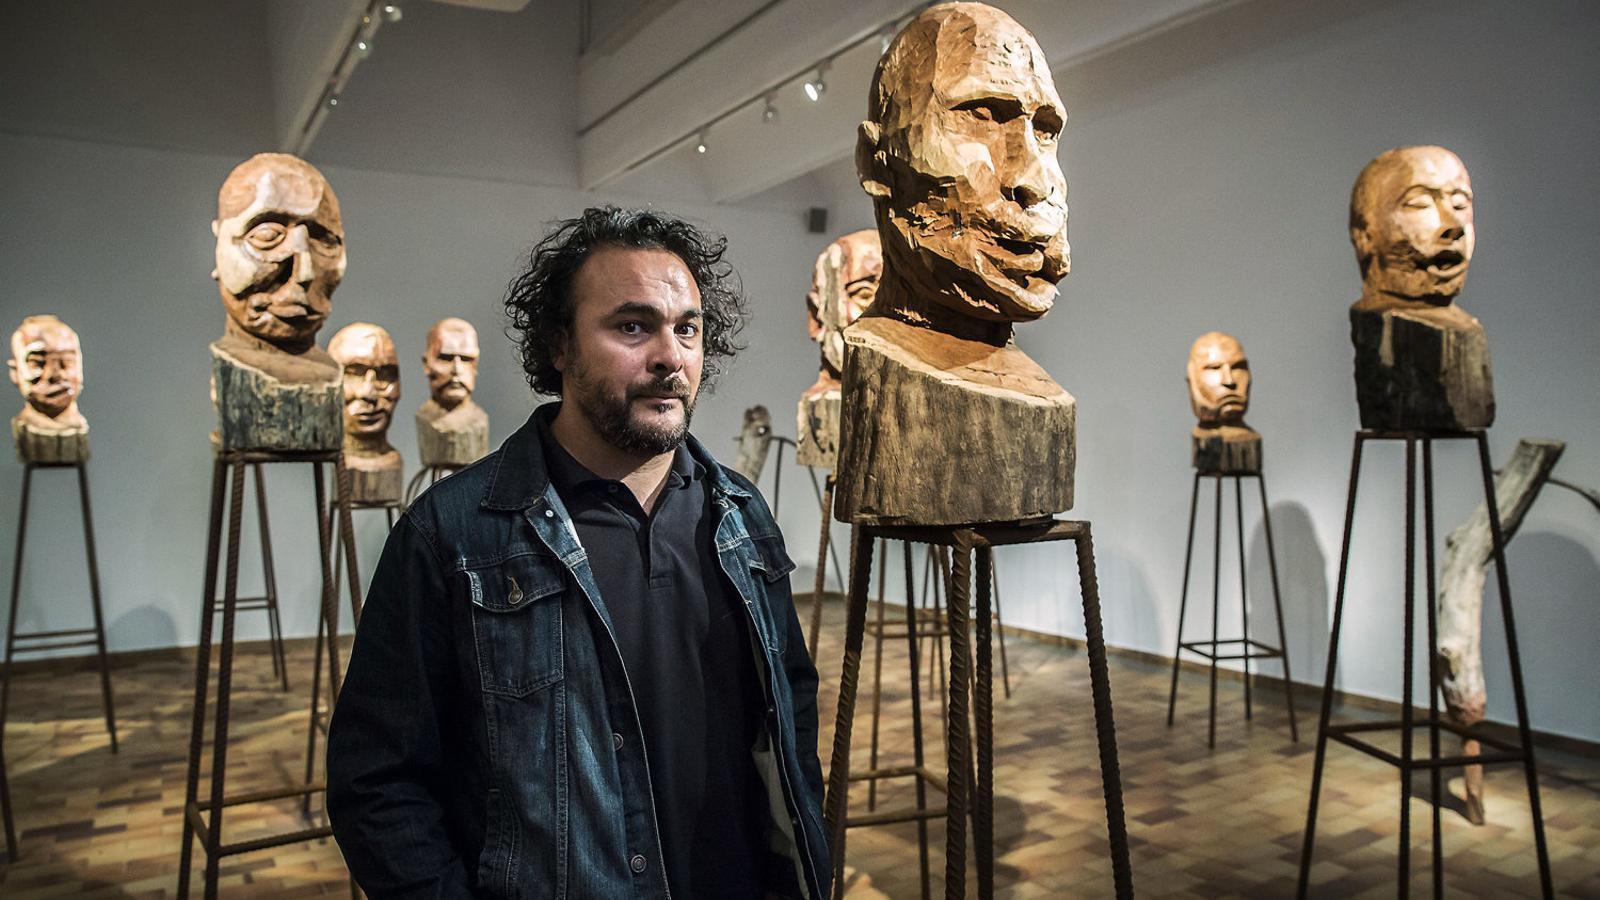 Kader Attia combat a la Miró el llegat del colonialisme